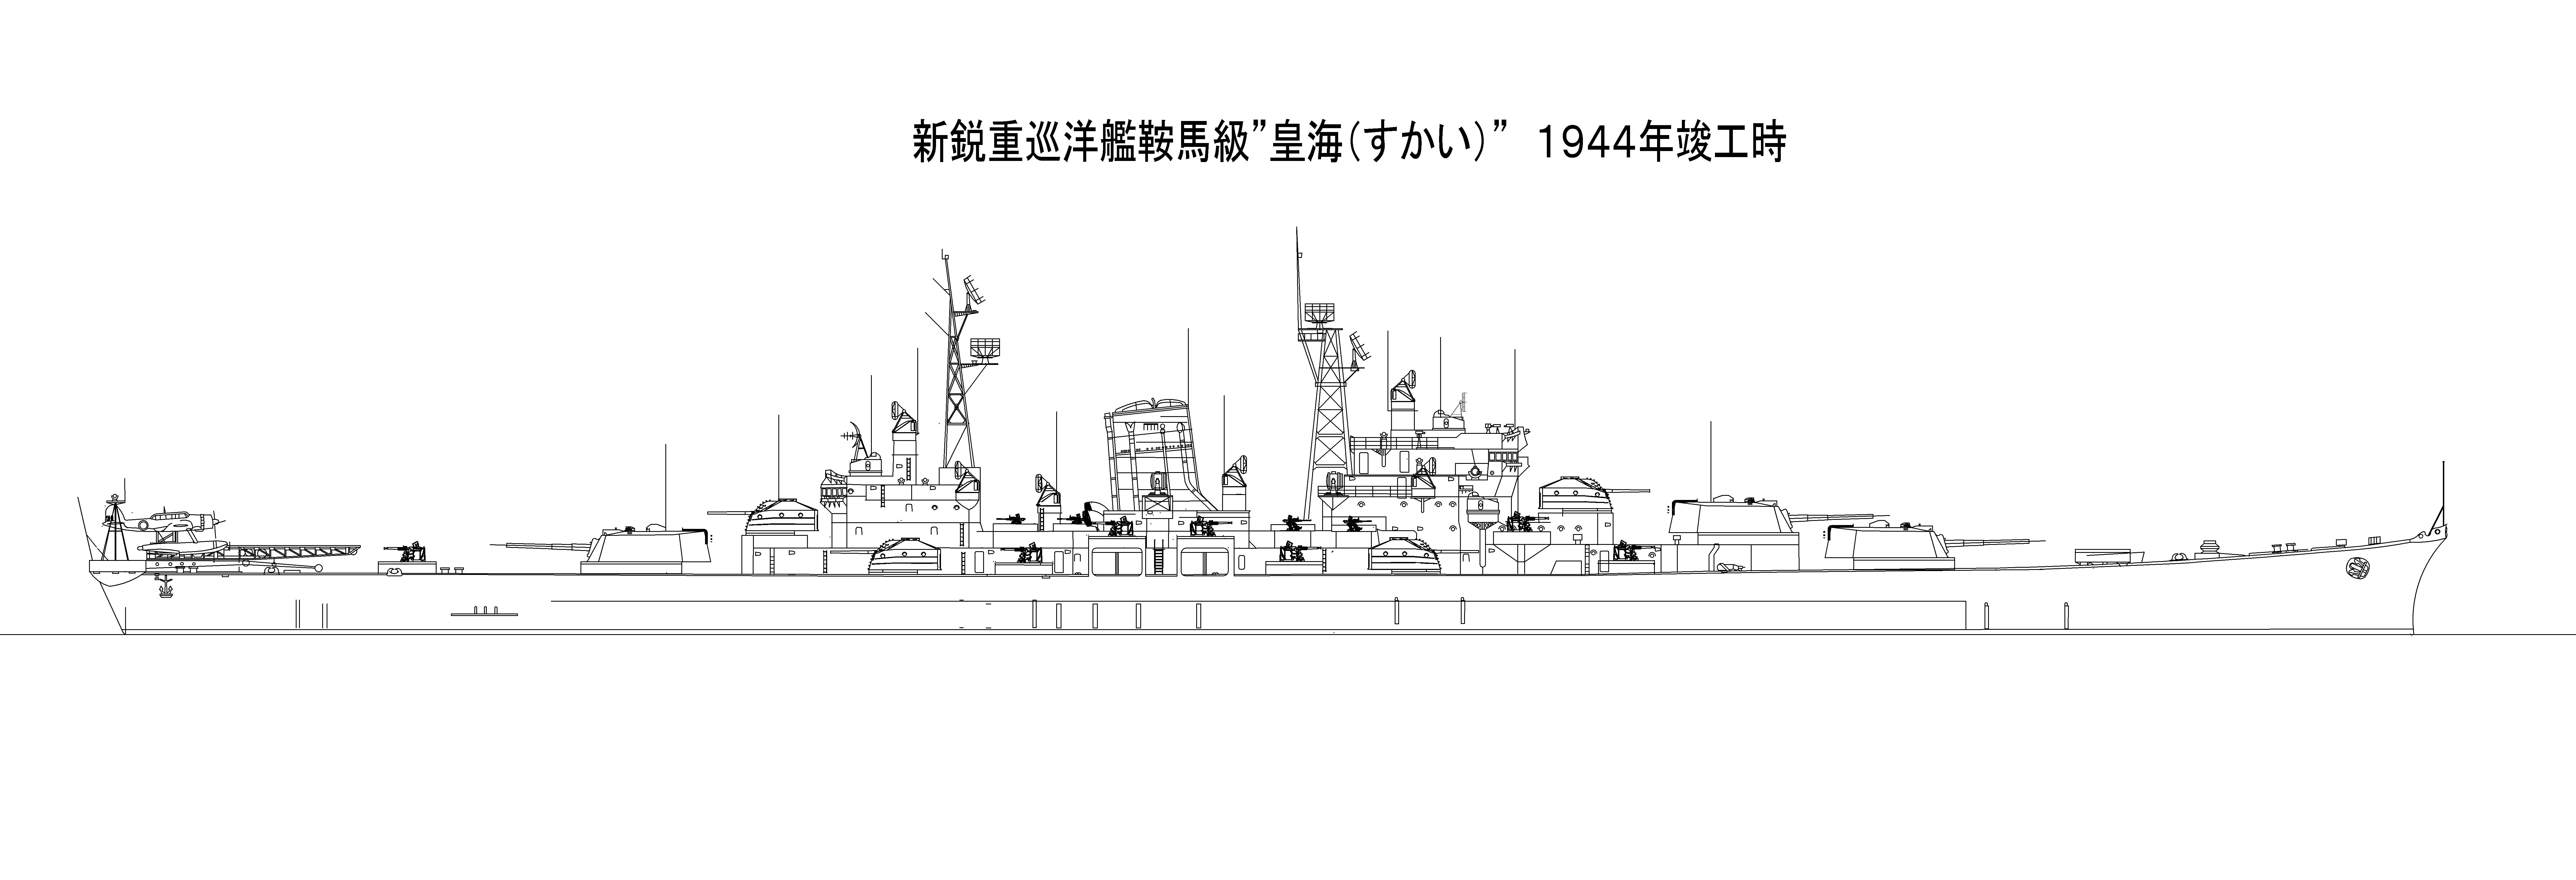 """仮想艦隊50.新鋭重巡洋艦 鞍馬(くらま)""""級"""